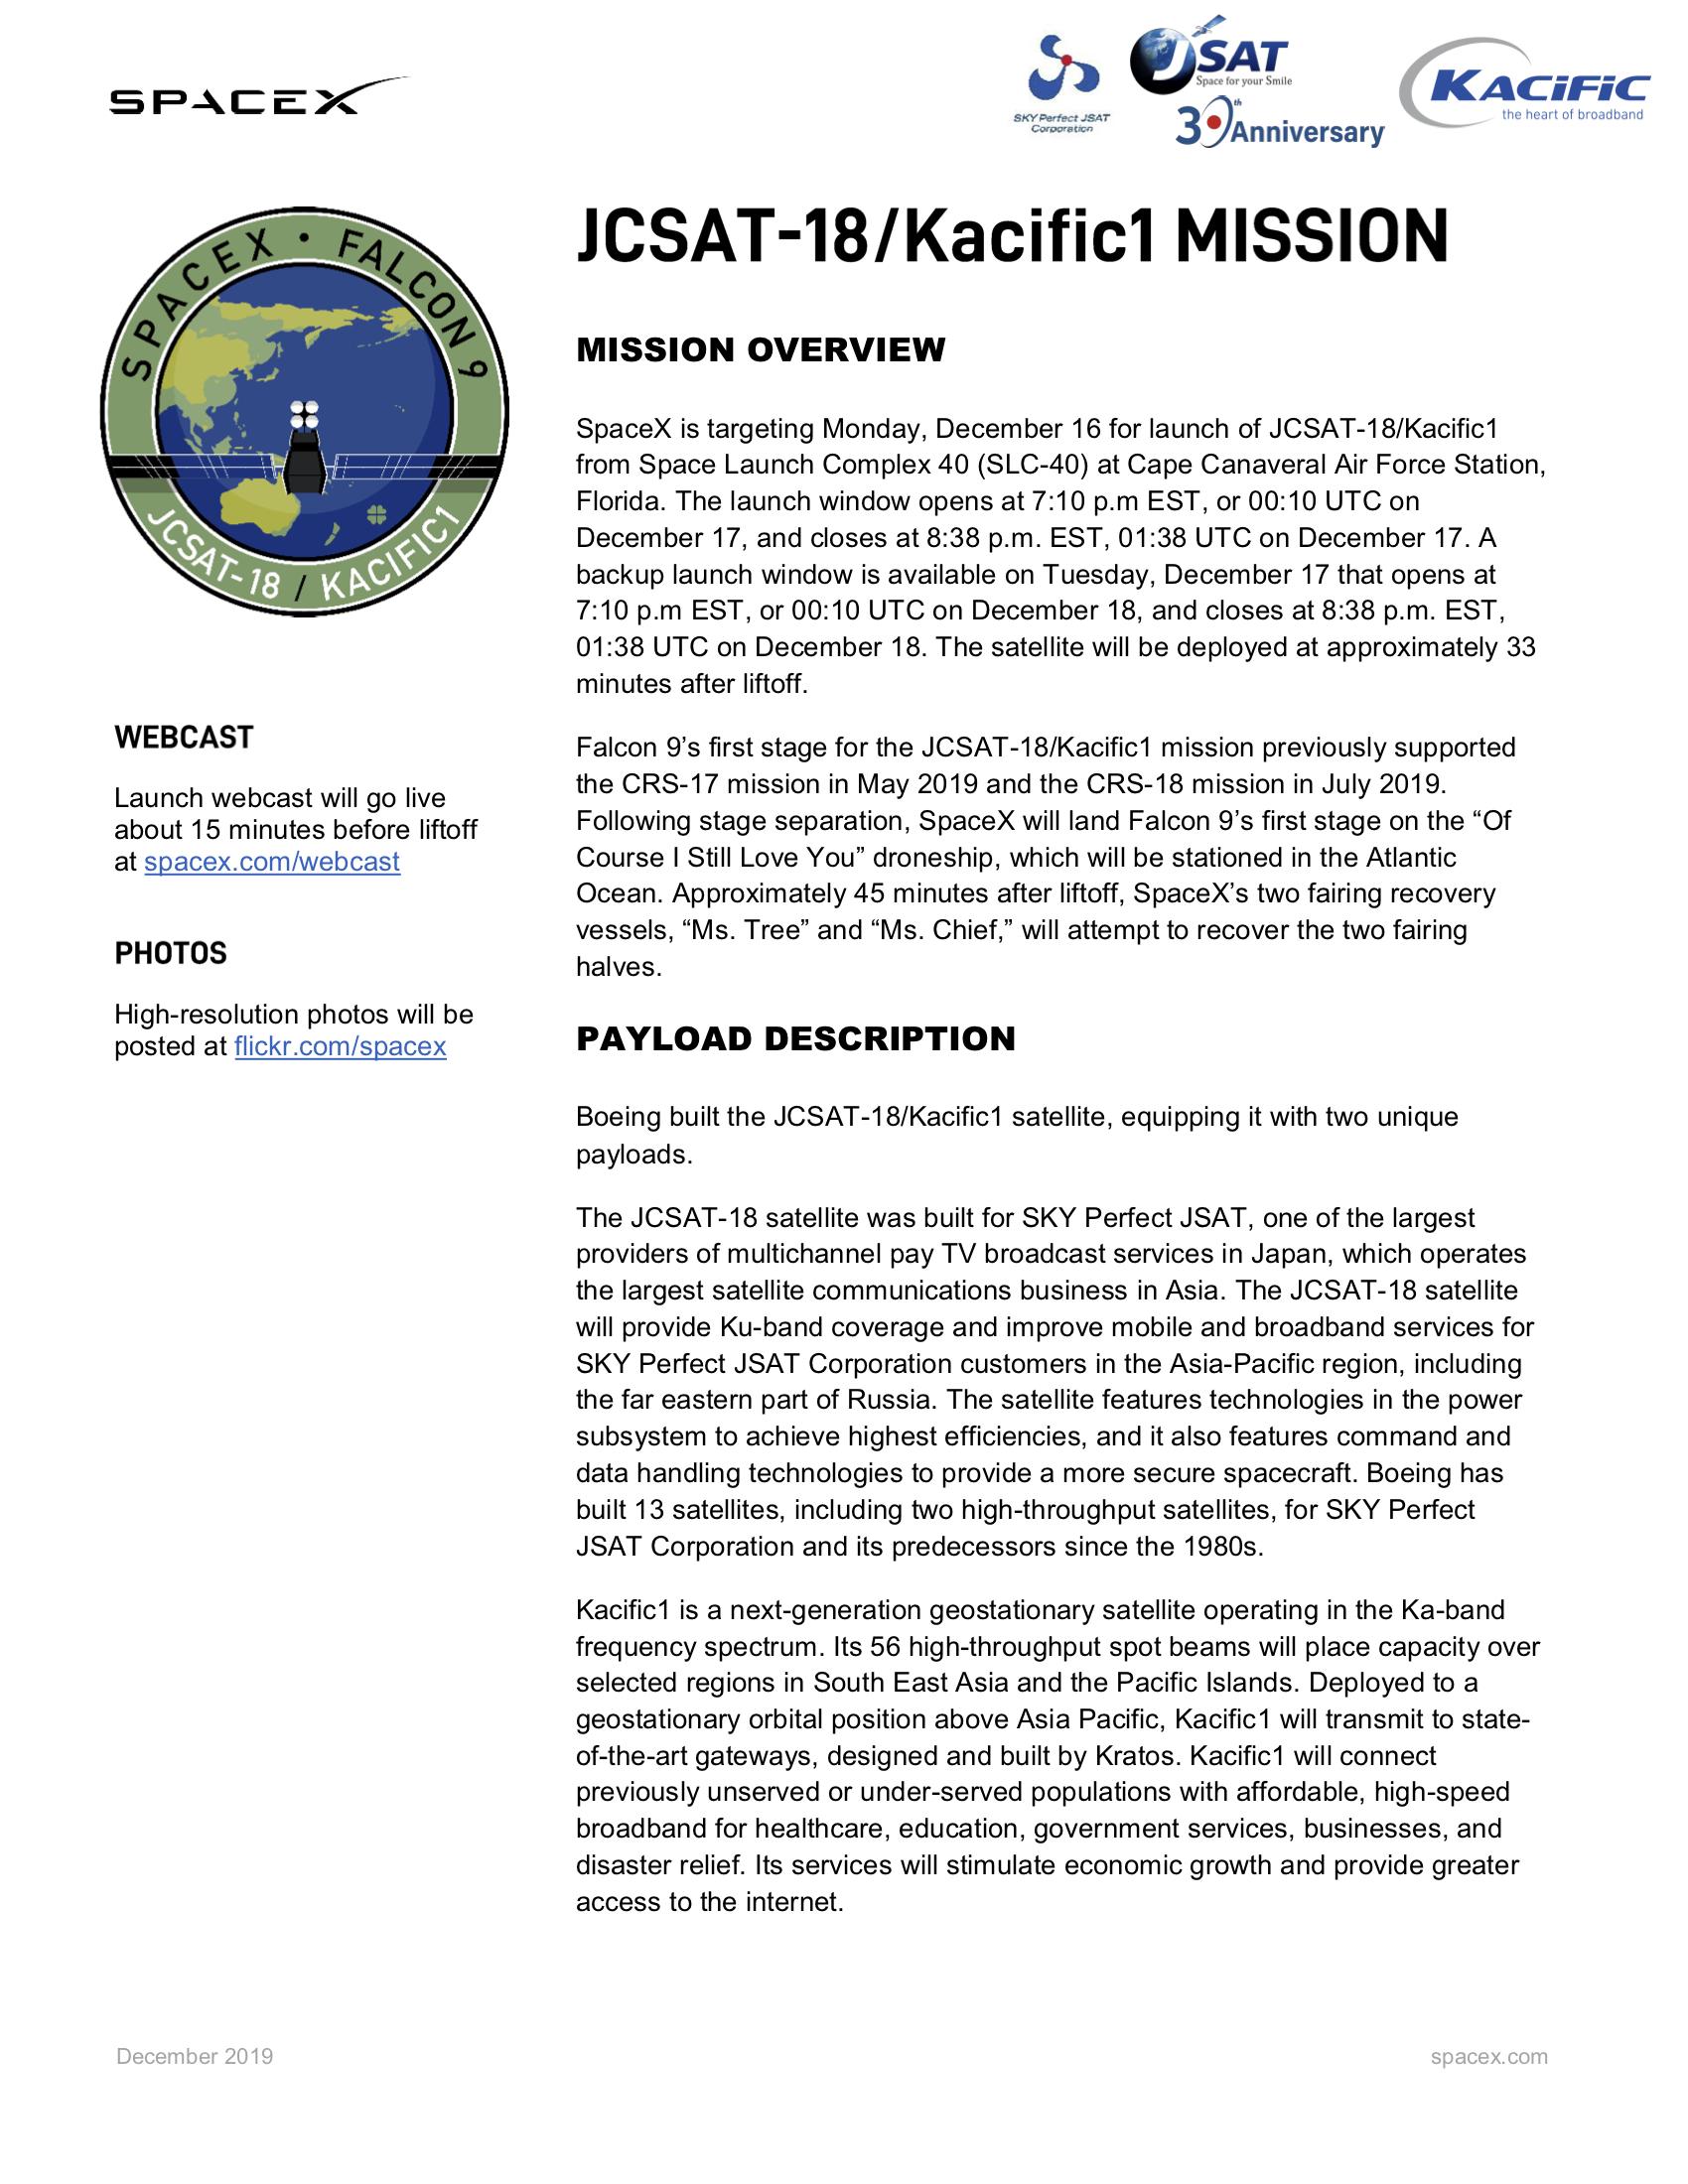 Kacific1 Mission JCSAT-18